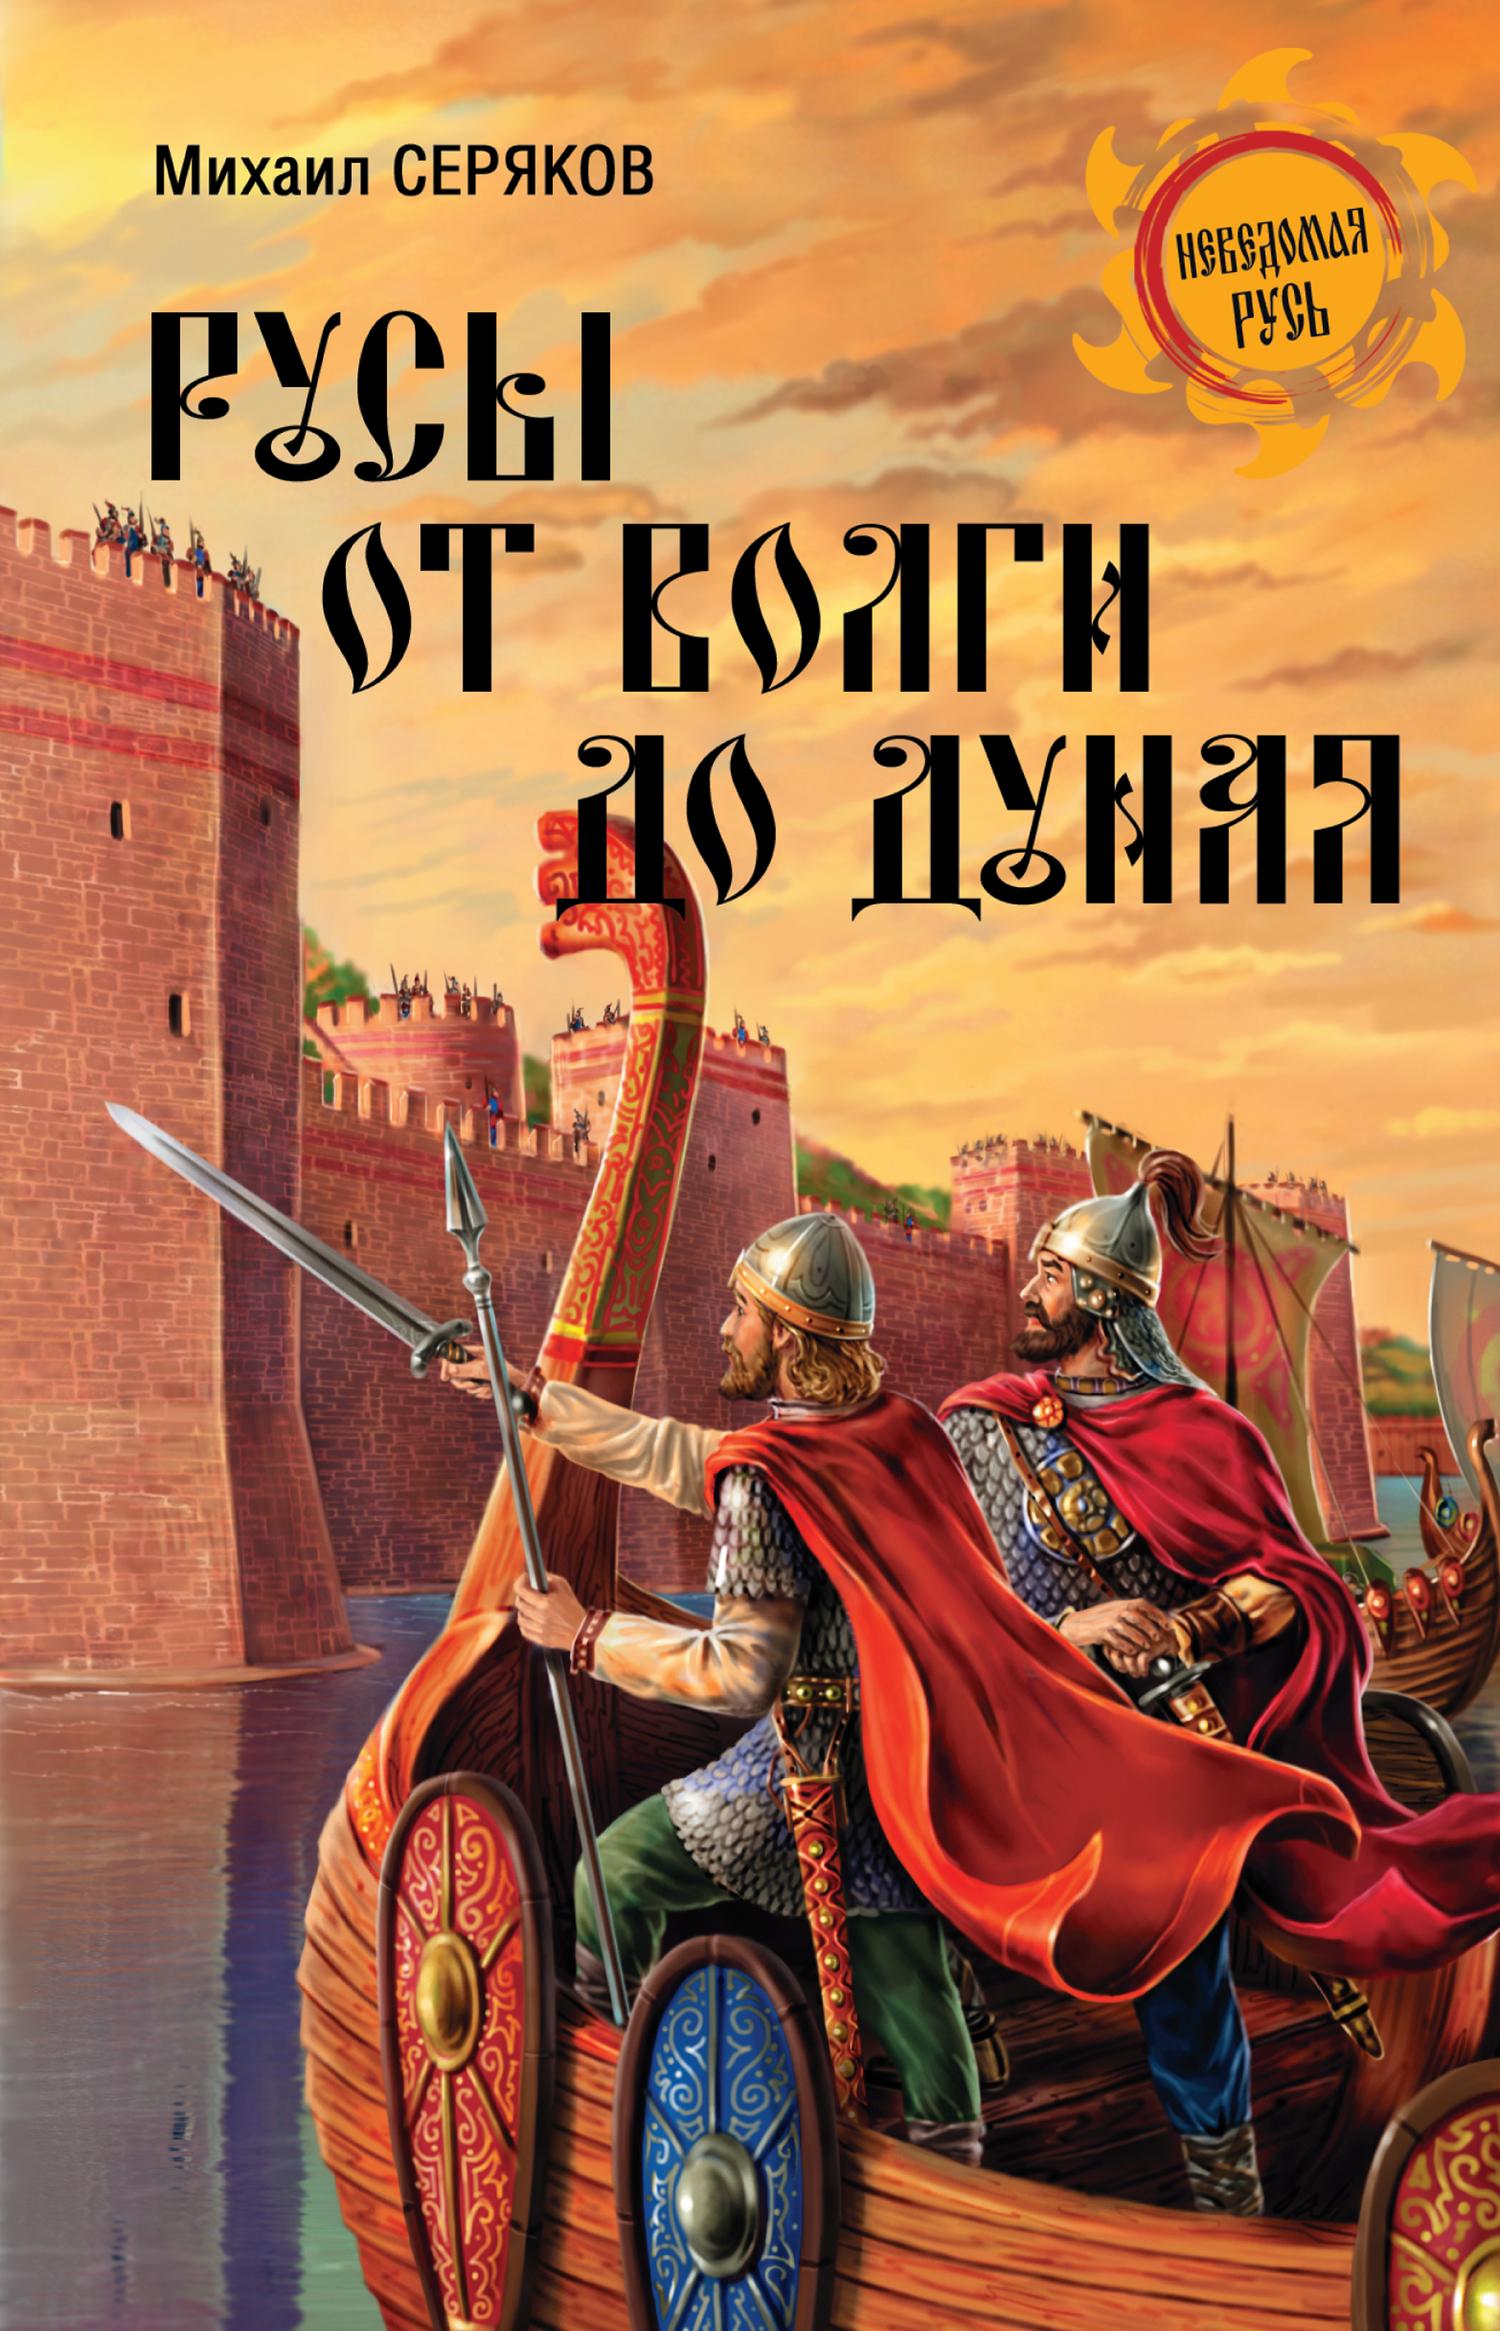 Михаил Серяков Русы от Волги до Дуная автор не указан некоторые сведения о правом береге дуная собранные в 1826 году